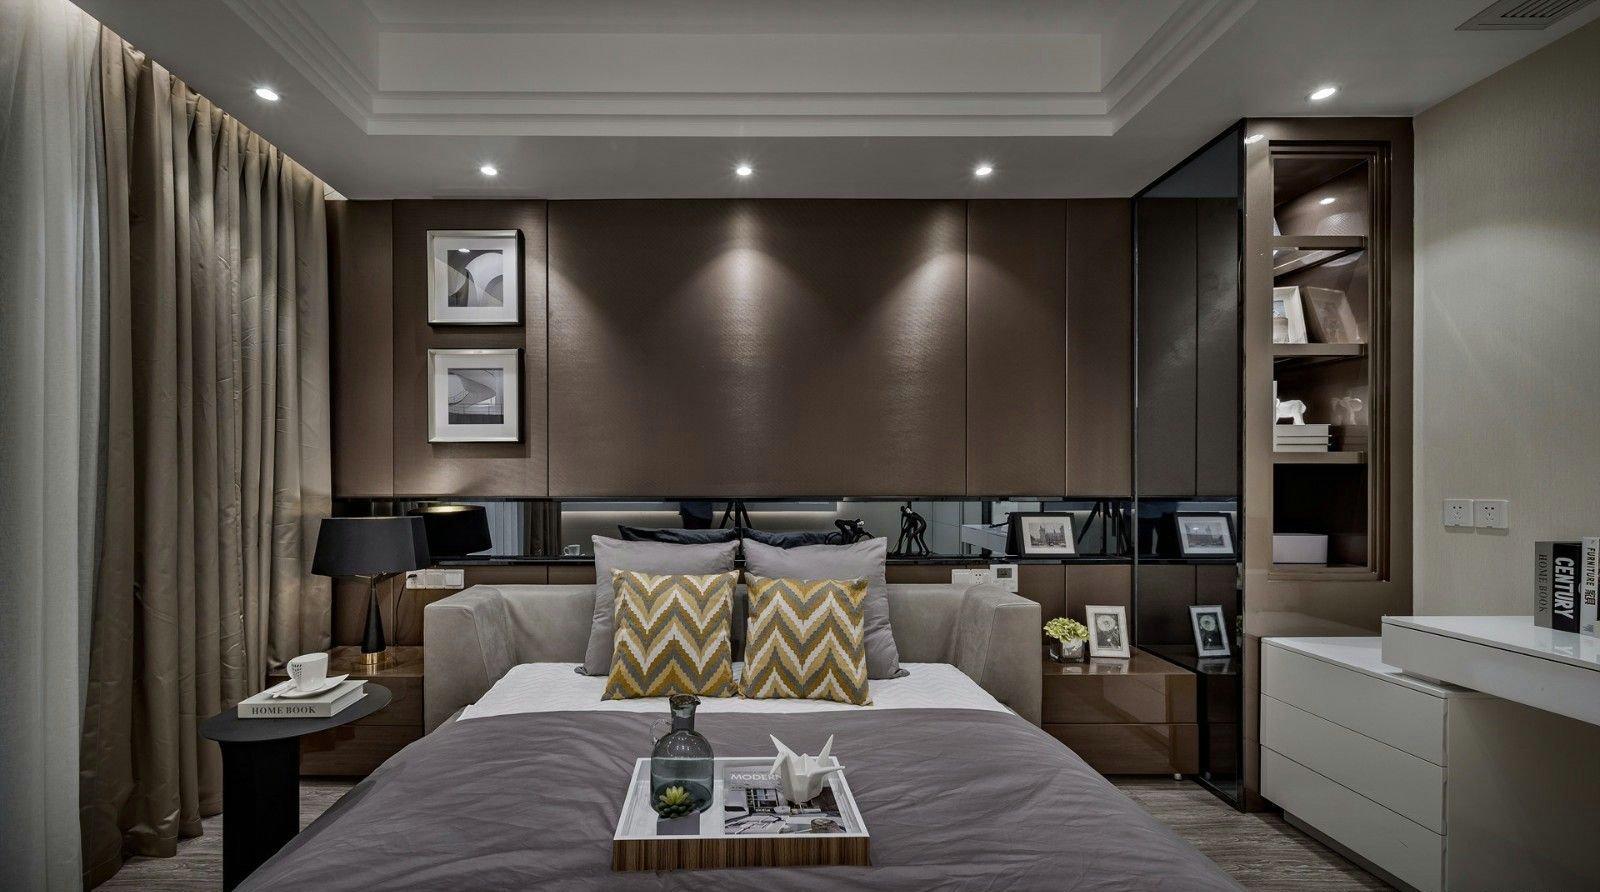 140平现代简约风格卧室背景墙装修效果图